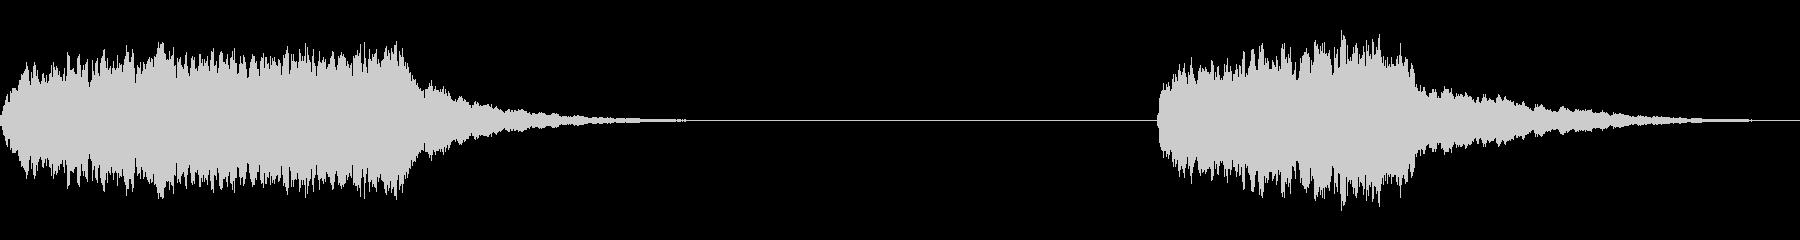 電話リング、2つのバージョン。 D...の未再生の波形